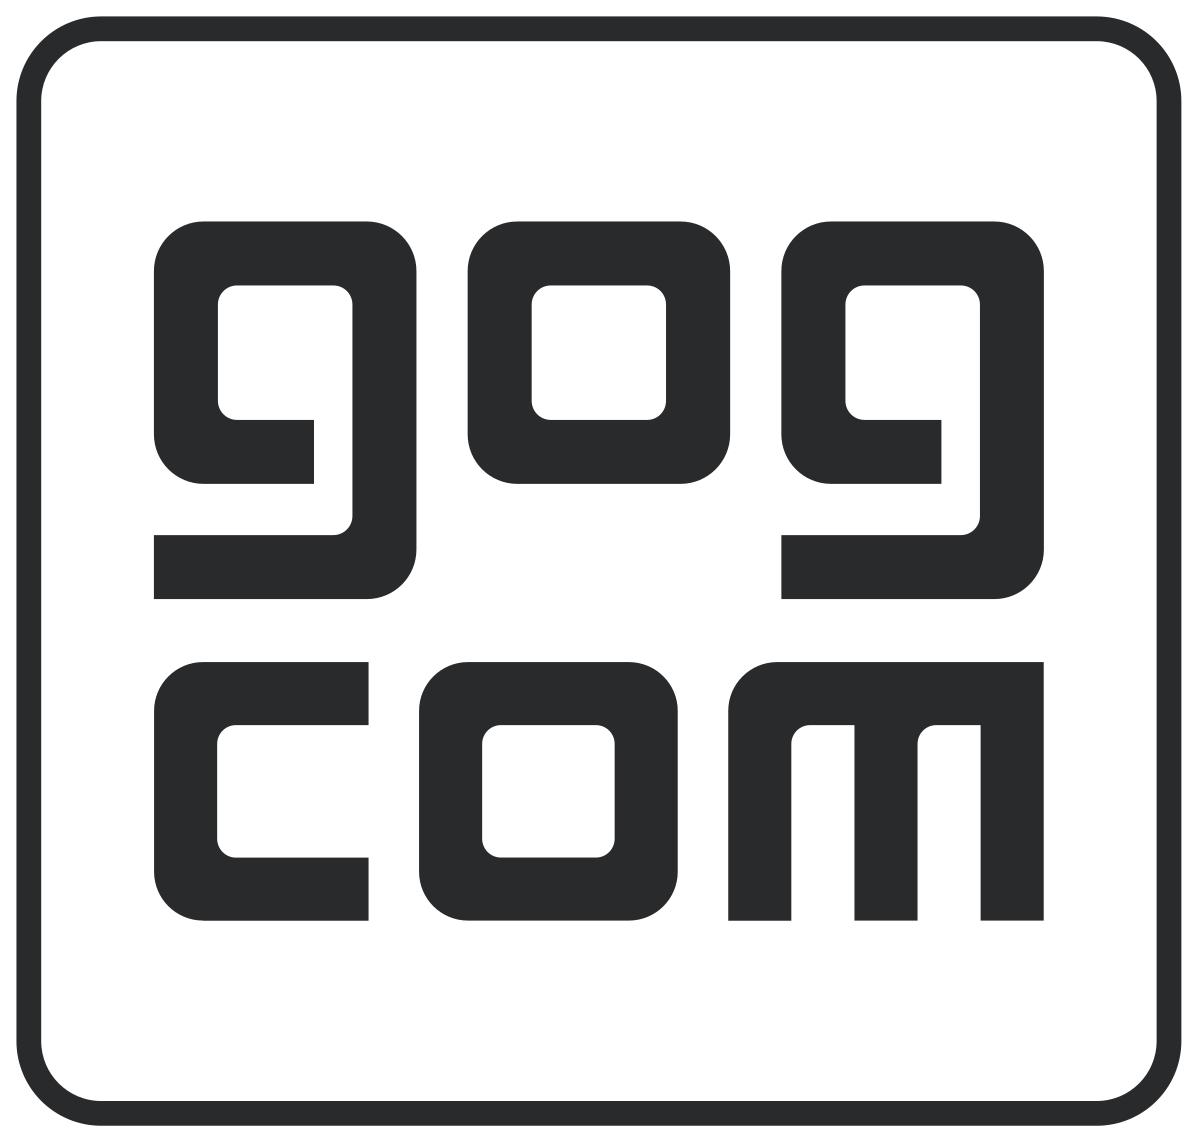 [gog.com] Viele Spiele für wenig Geld! :)